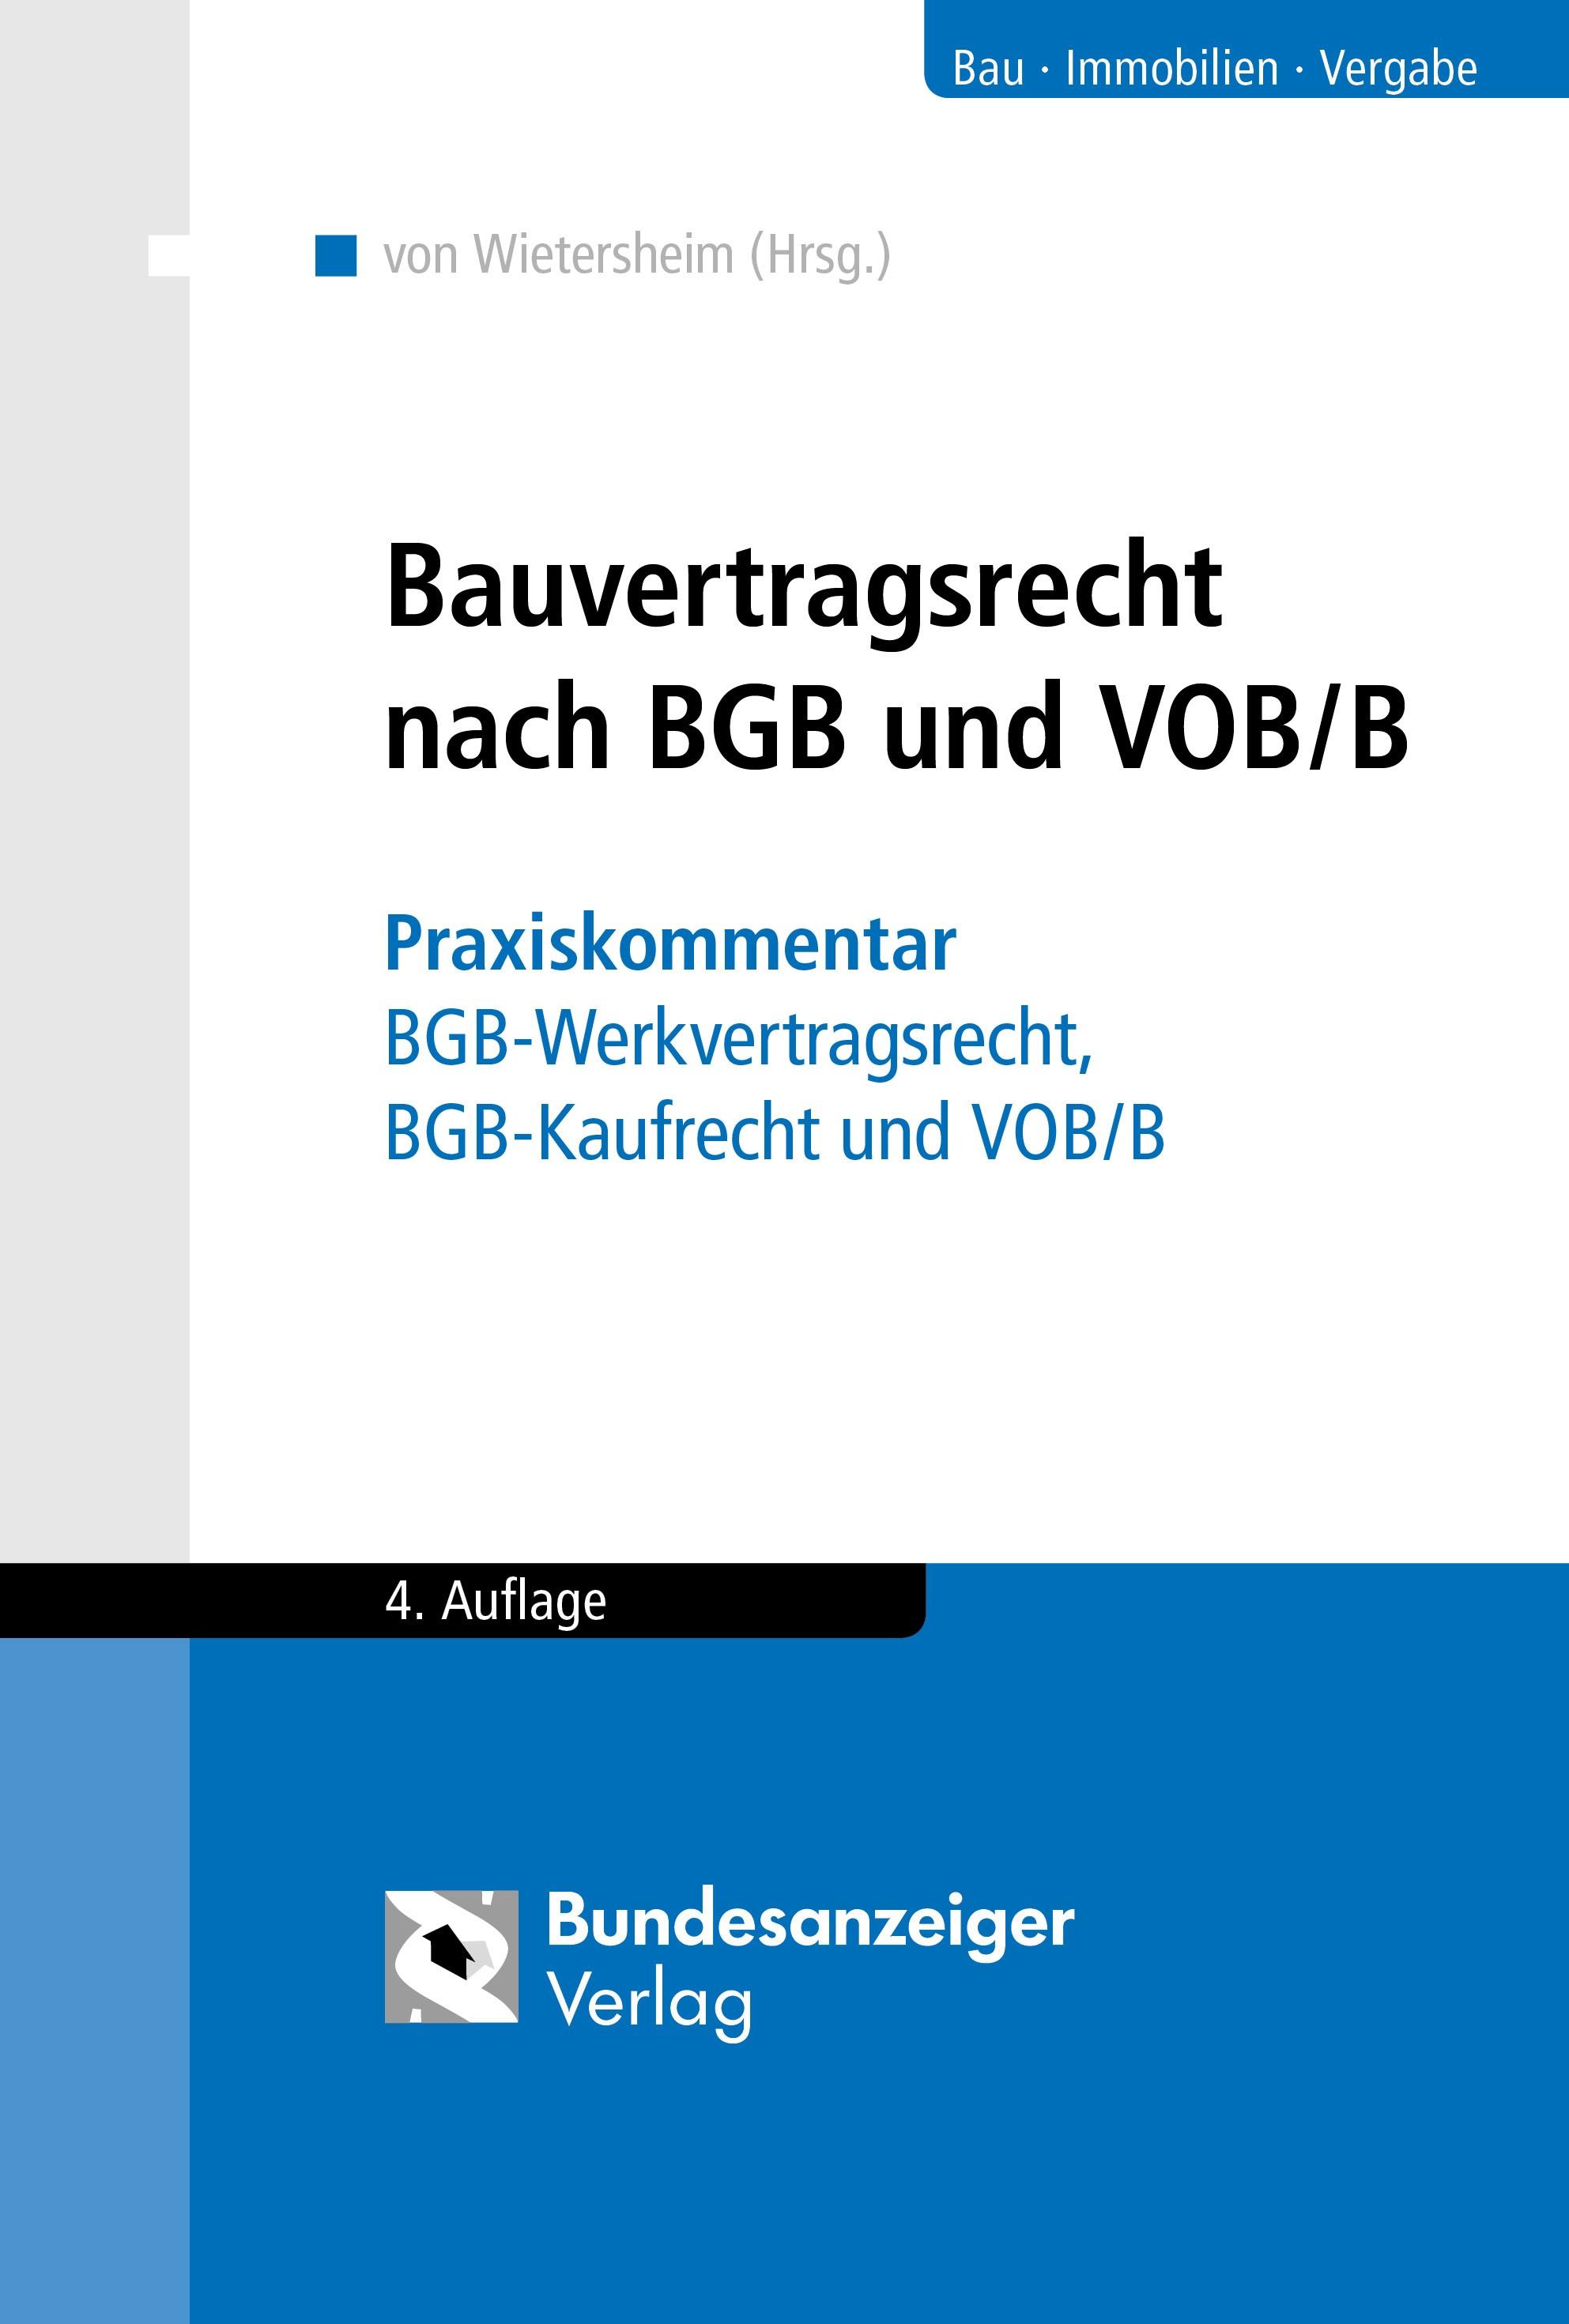 Abbildung von Wietersheim (Hrsg.) | Bauvertragsrecht nach BGB und VOB/B | 4., überarbeitete und aktualisierte Auflage. | 2018